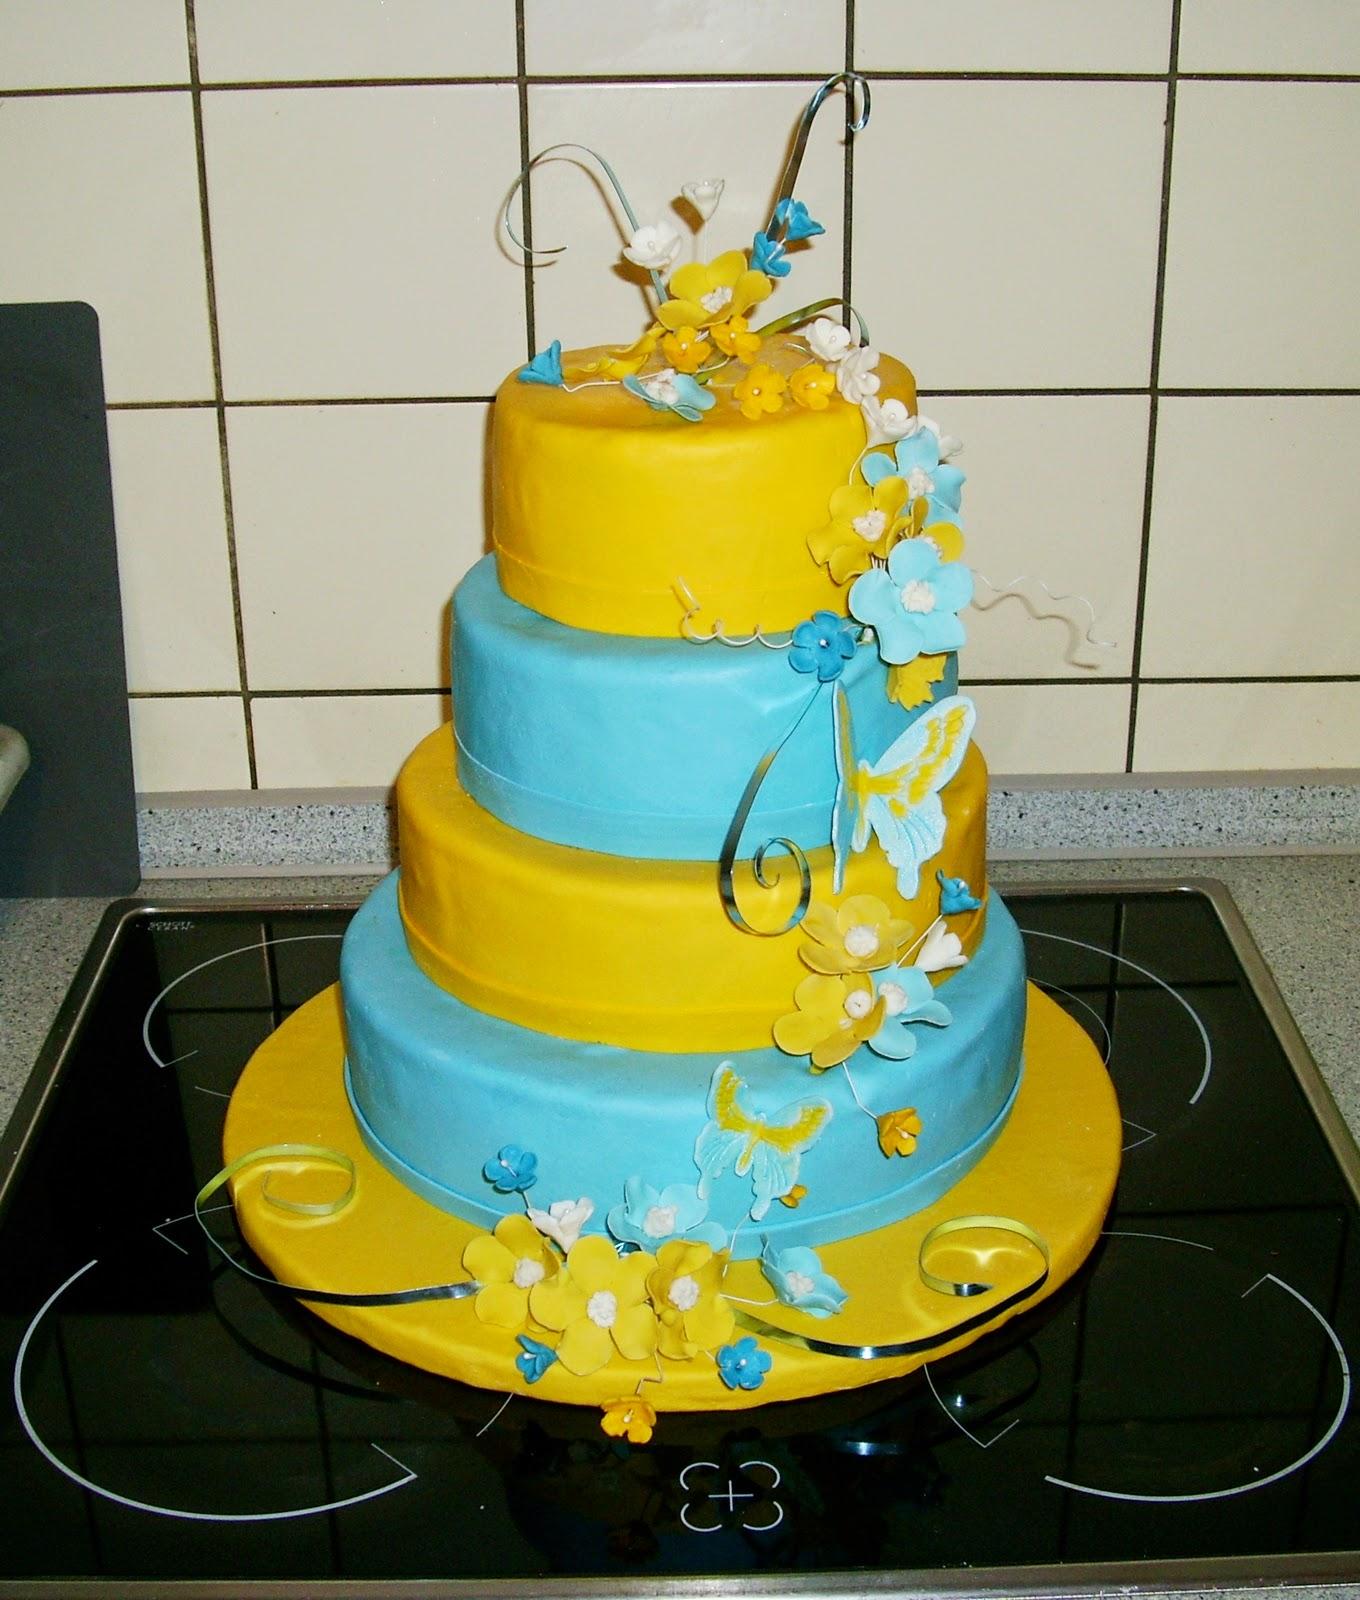 4 Stockige Hochzeitstorte In Gelb Blau Mit Blumengestecken Aus